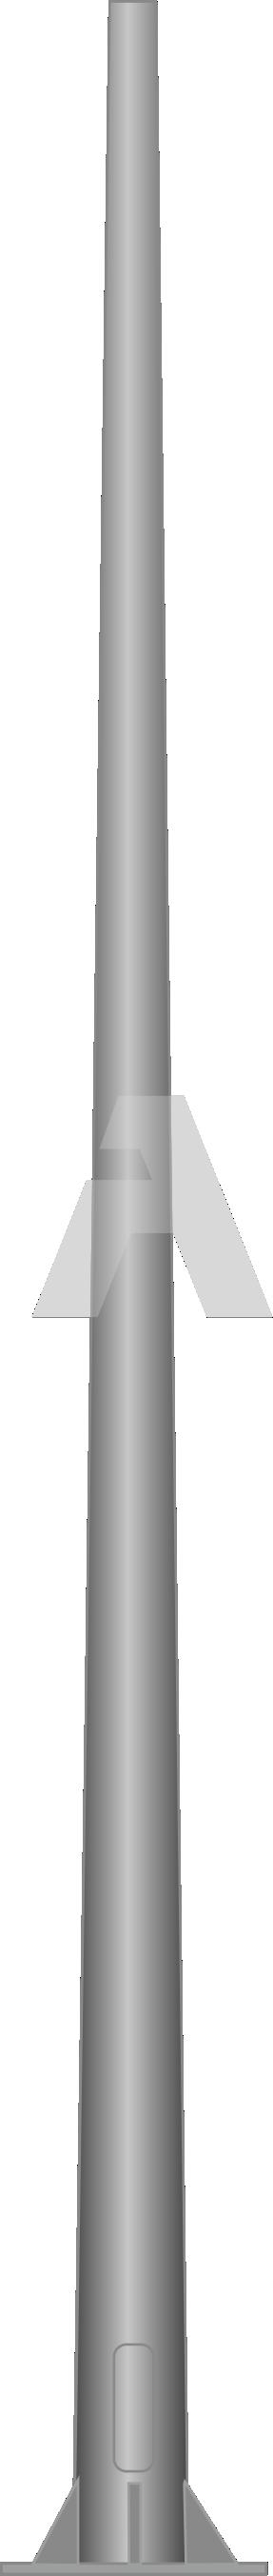 Опоры круглоконические силовые контактной сети (ОКККС)